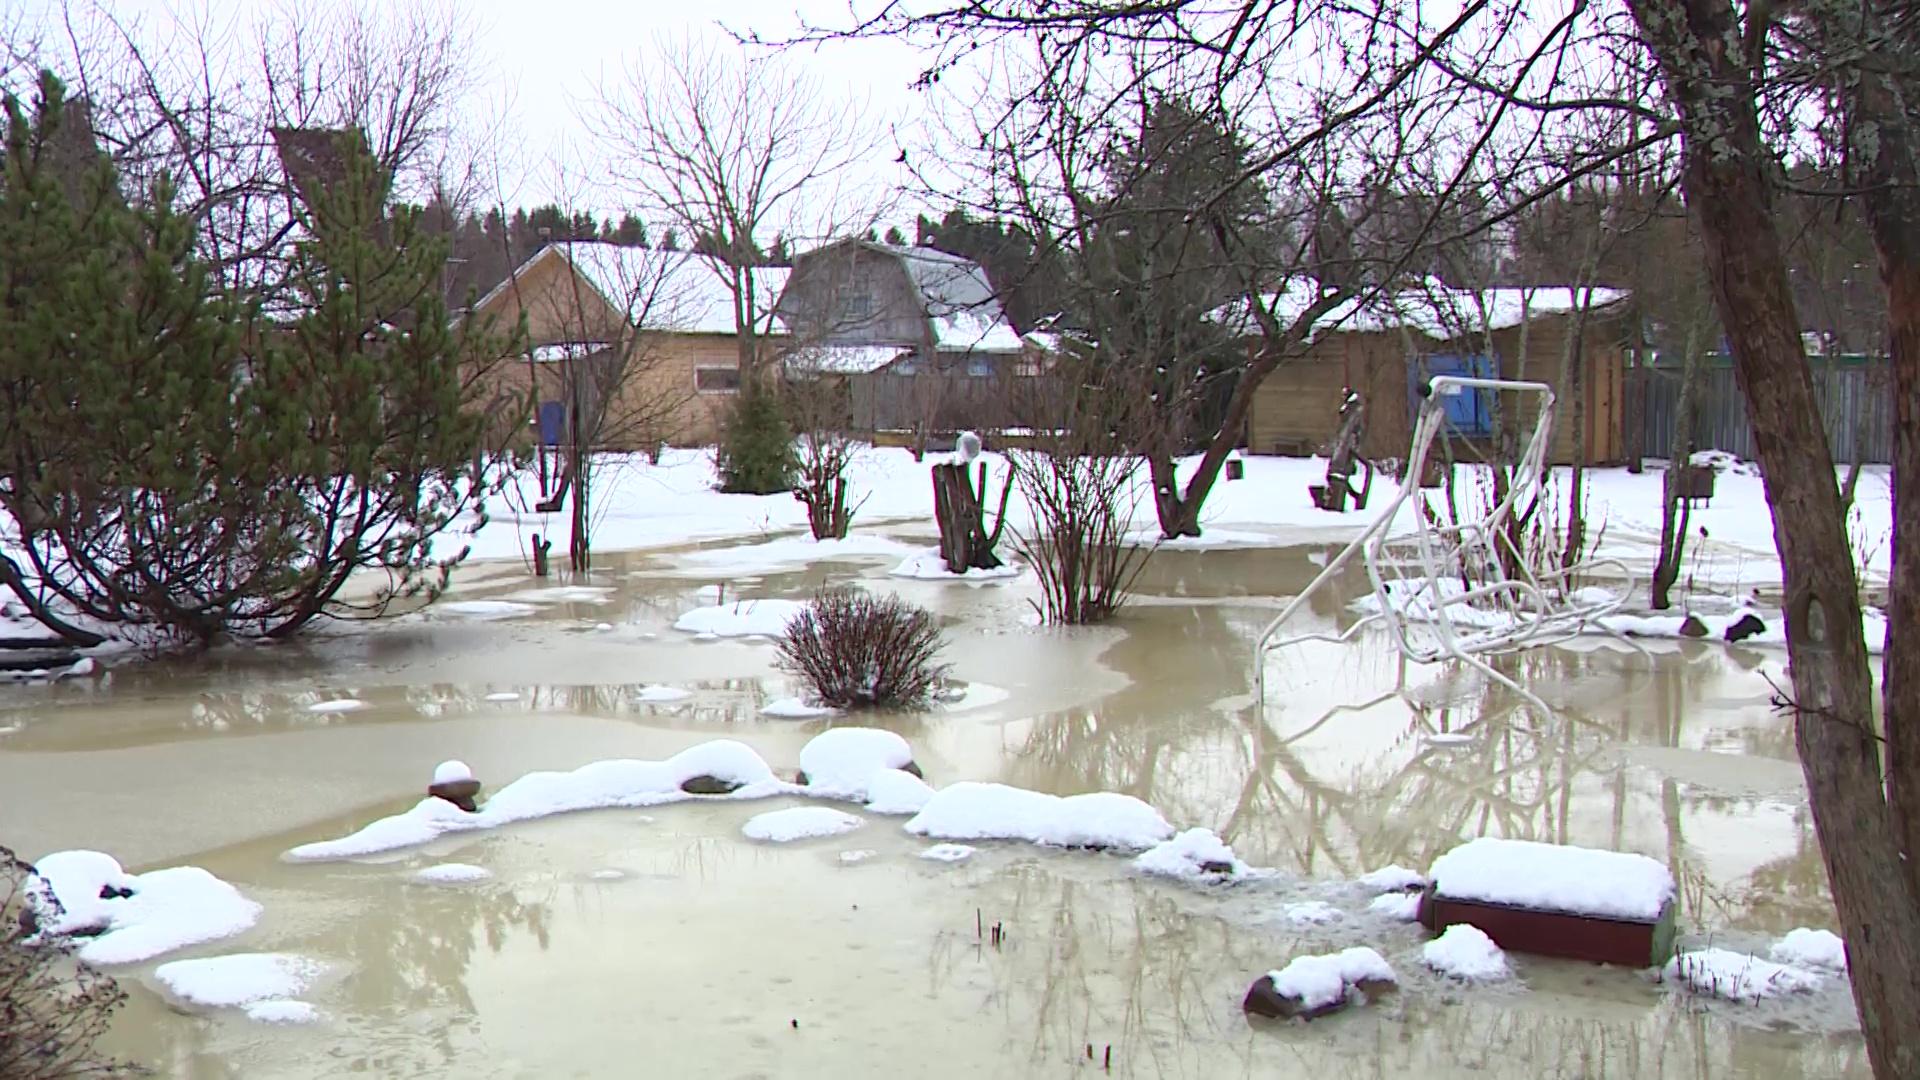 Февральский потоп: МЧС держит на контроле ситуацию с подъемом уровня воды в Ярославском районе